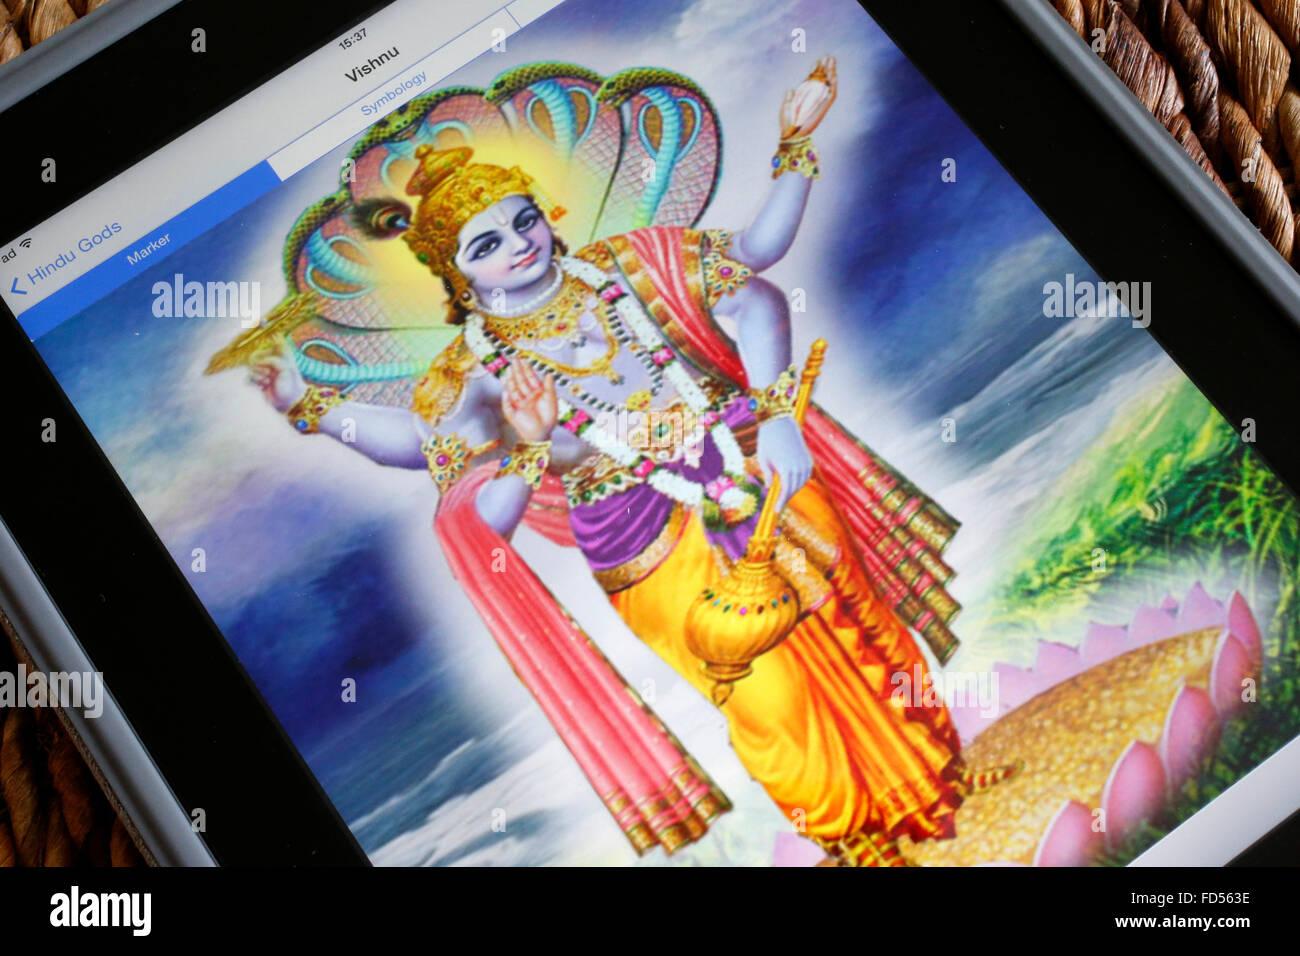 Divinità indù su un Ipad. Vishnu. Immagini Stock